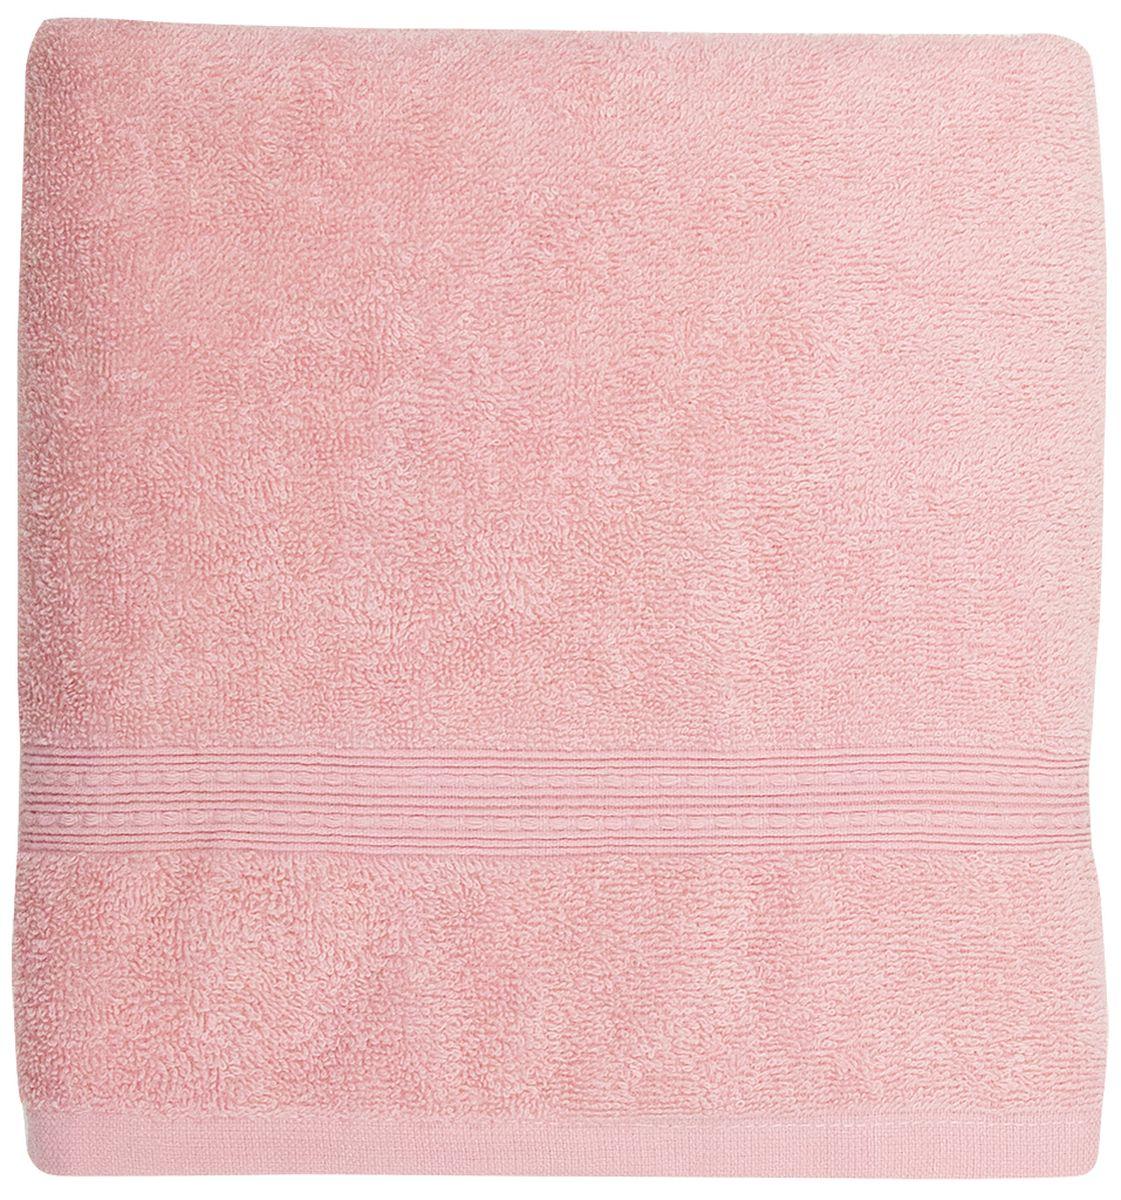 Полотенце банное Bonita Classic, цвет: роза, 70 х 140 см68/5/1Банное полотенце Bonita Classic выполнено из 100% хлопка. Изделие отлично впитывает влагу, быстро сохнет, сохраняет яркость цвета и не теряет форму даже после многократных стирок. Такое полотенце очень практично и неприхотливо в уходе. Оно создаст прекрасное настроение и украсит интерьер в ванной комнате.